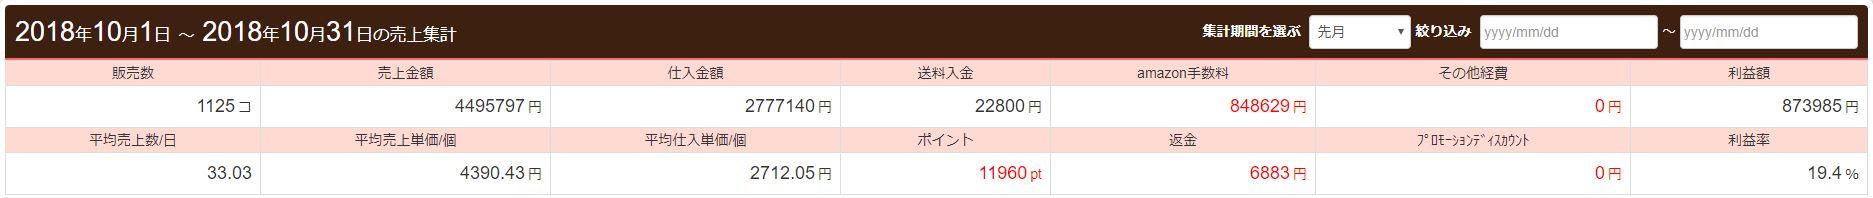 利益額は87万円